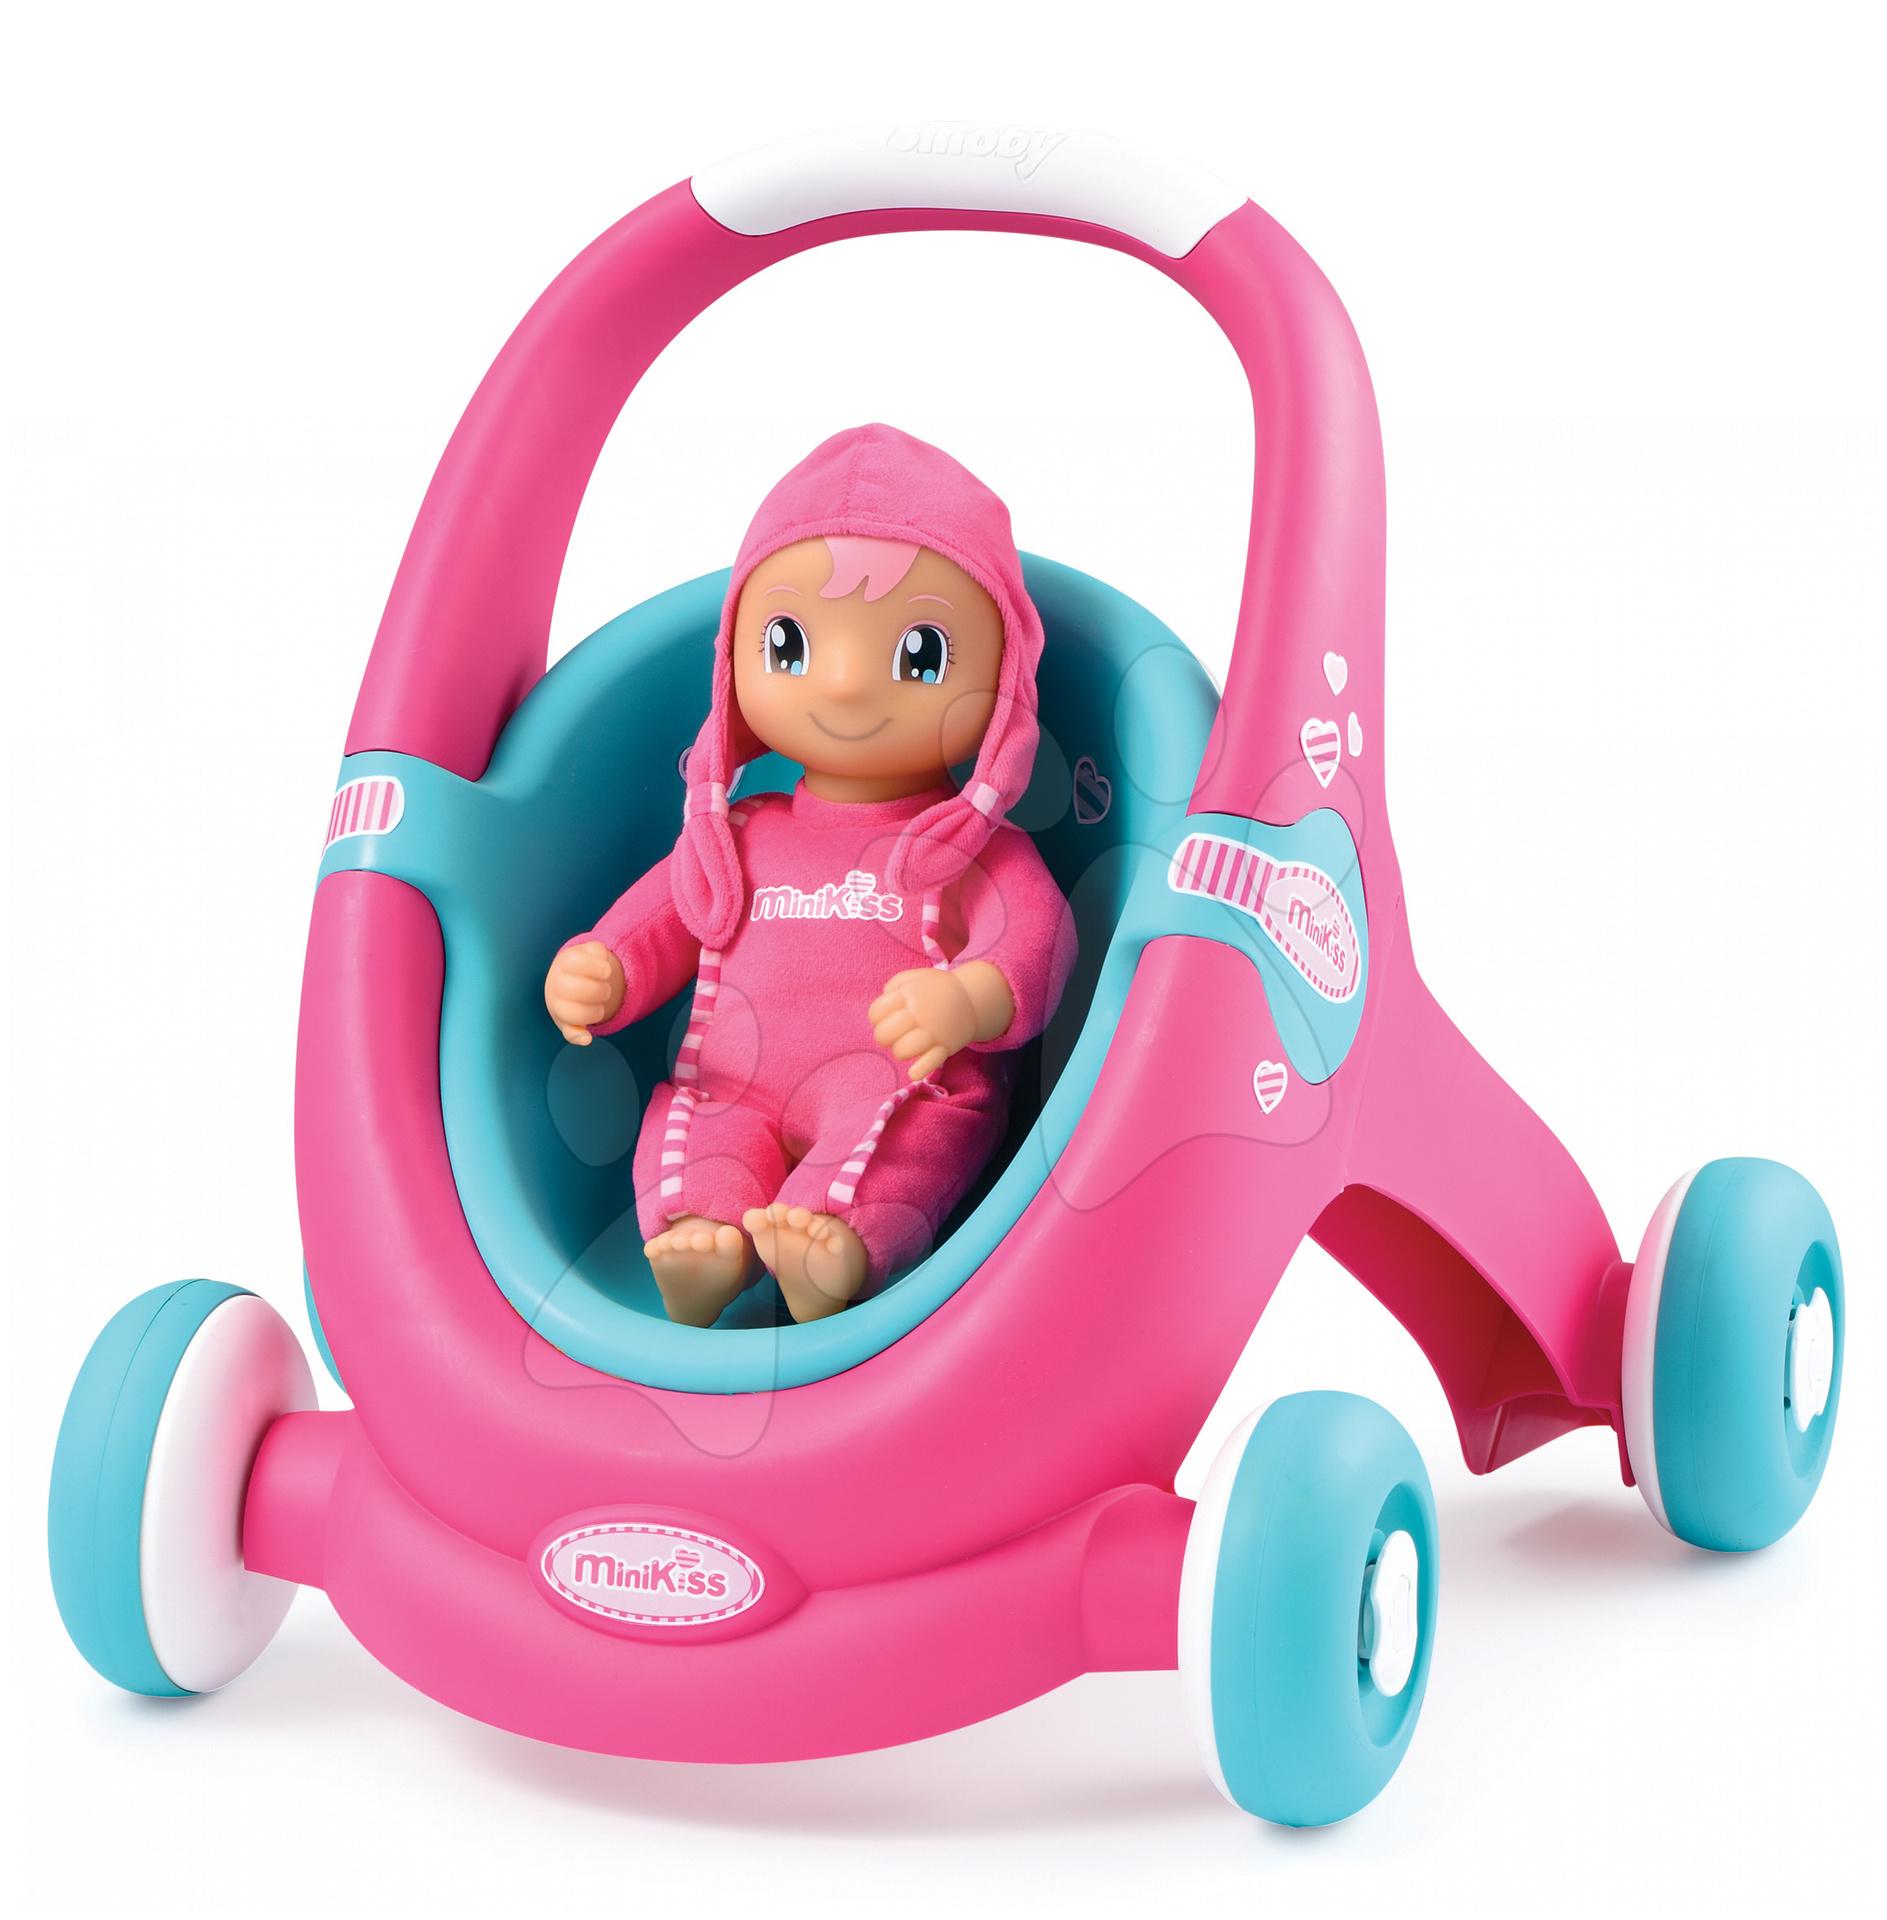 Kočíky pre bábiky od 12 mesiacov - Kočík pre bábiku a chodítko 2v1 MiniKiss Smoby ružovo-tyrkysový od 12 mes